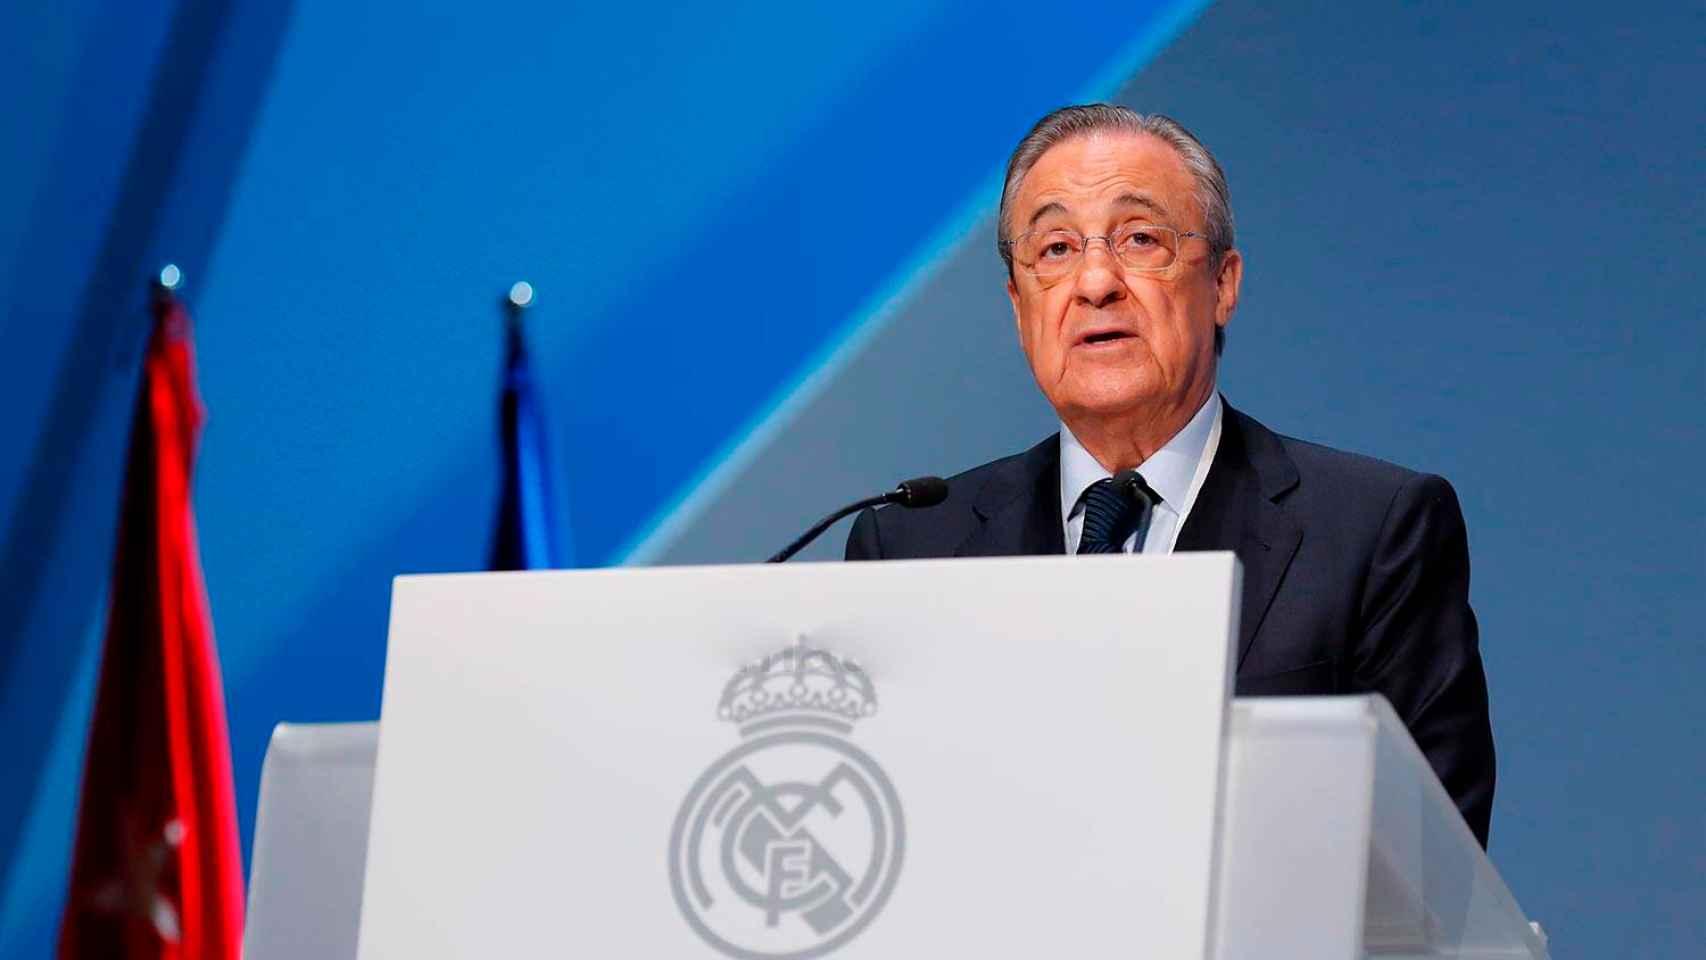 """Florentino Pérez salvó al Madrid en el 2000: """"Sin decir nada avalé 147  millones"""""""